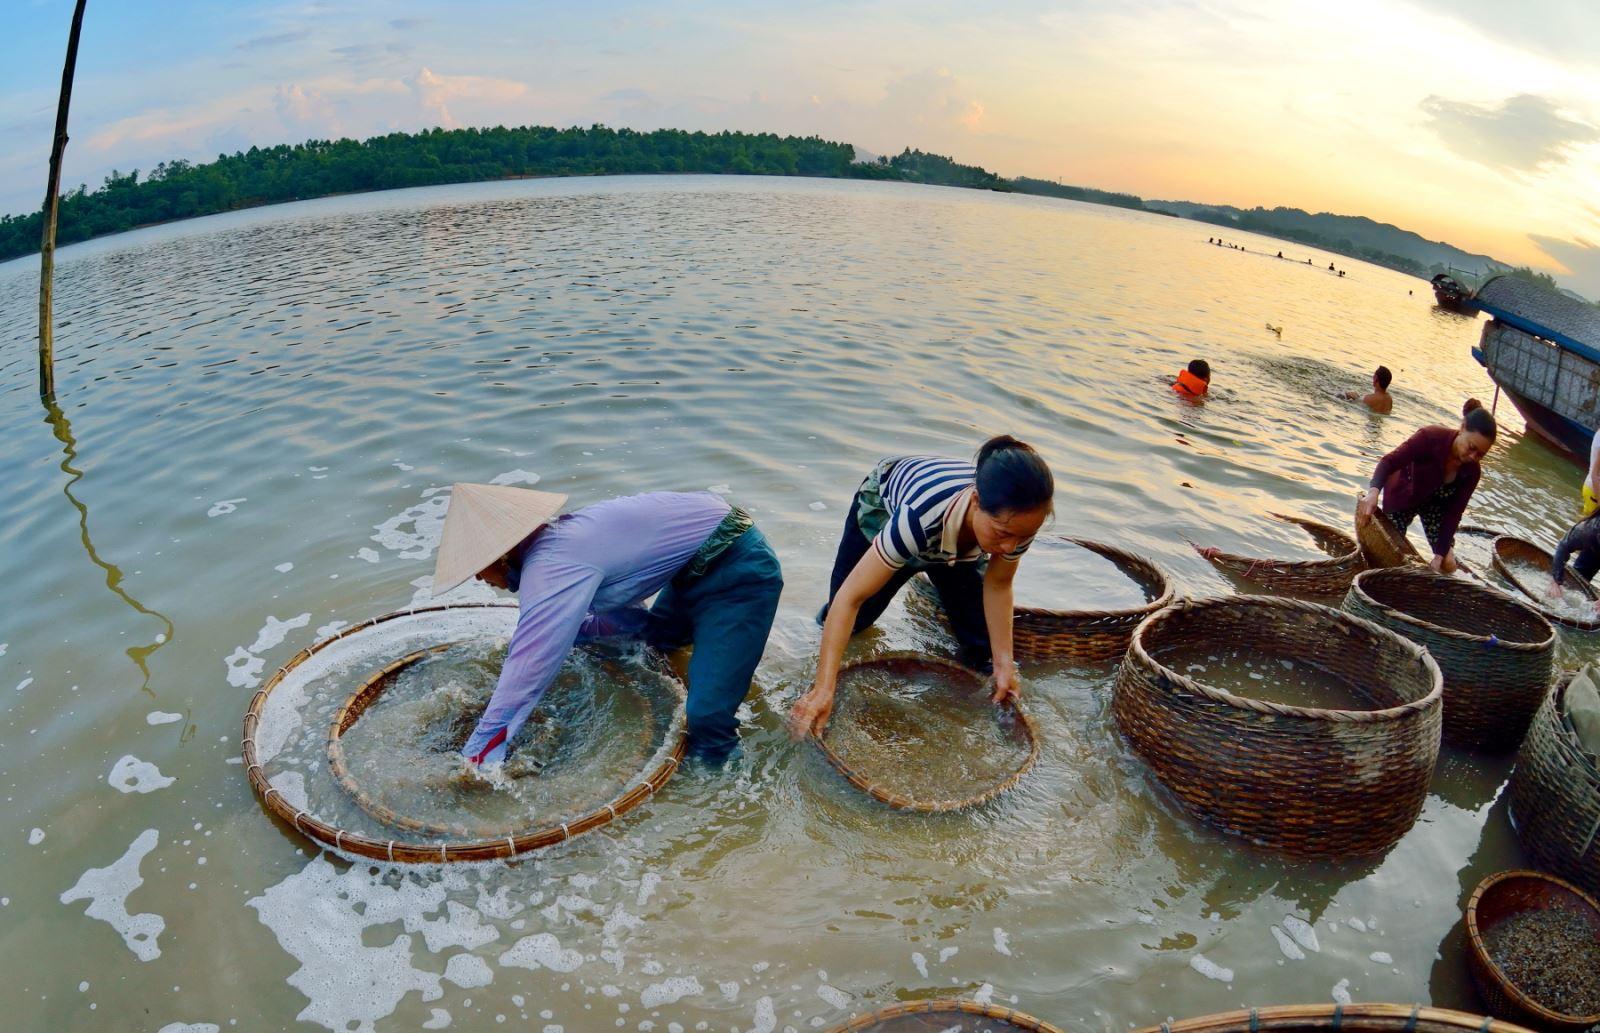 Sau khi đãi sạch, ngâm hến (trên 10h) ngay ở bến sông trong thúng lớn để hến nhả bùn, nhả cát.